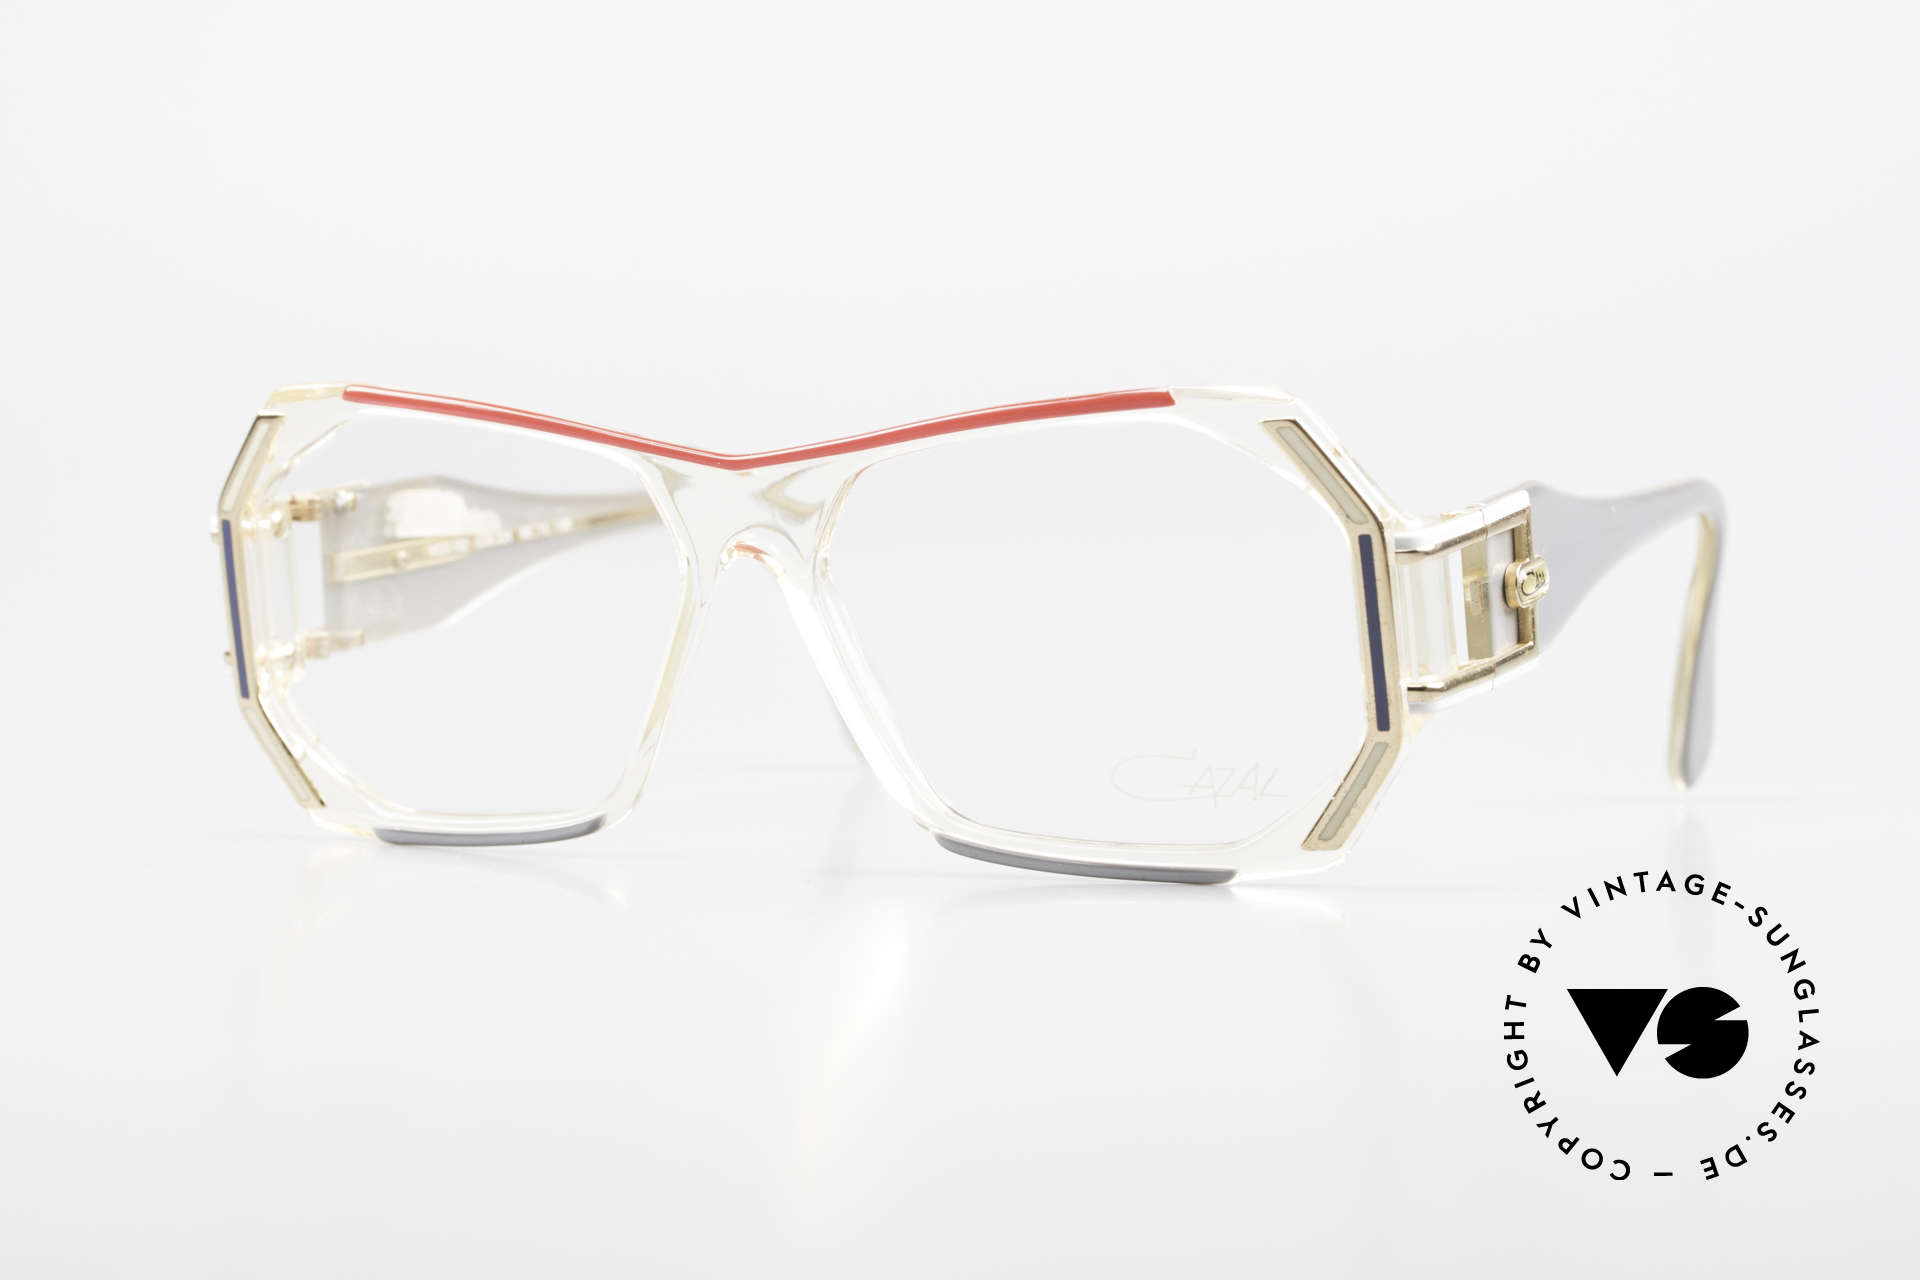 Cazal 182 80er HipHop Old School Brille, vintage 'Old School' Cazal Brillenfassung von 1984, Passend für Herren und Damen